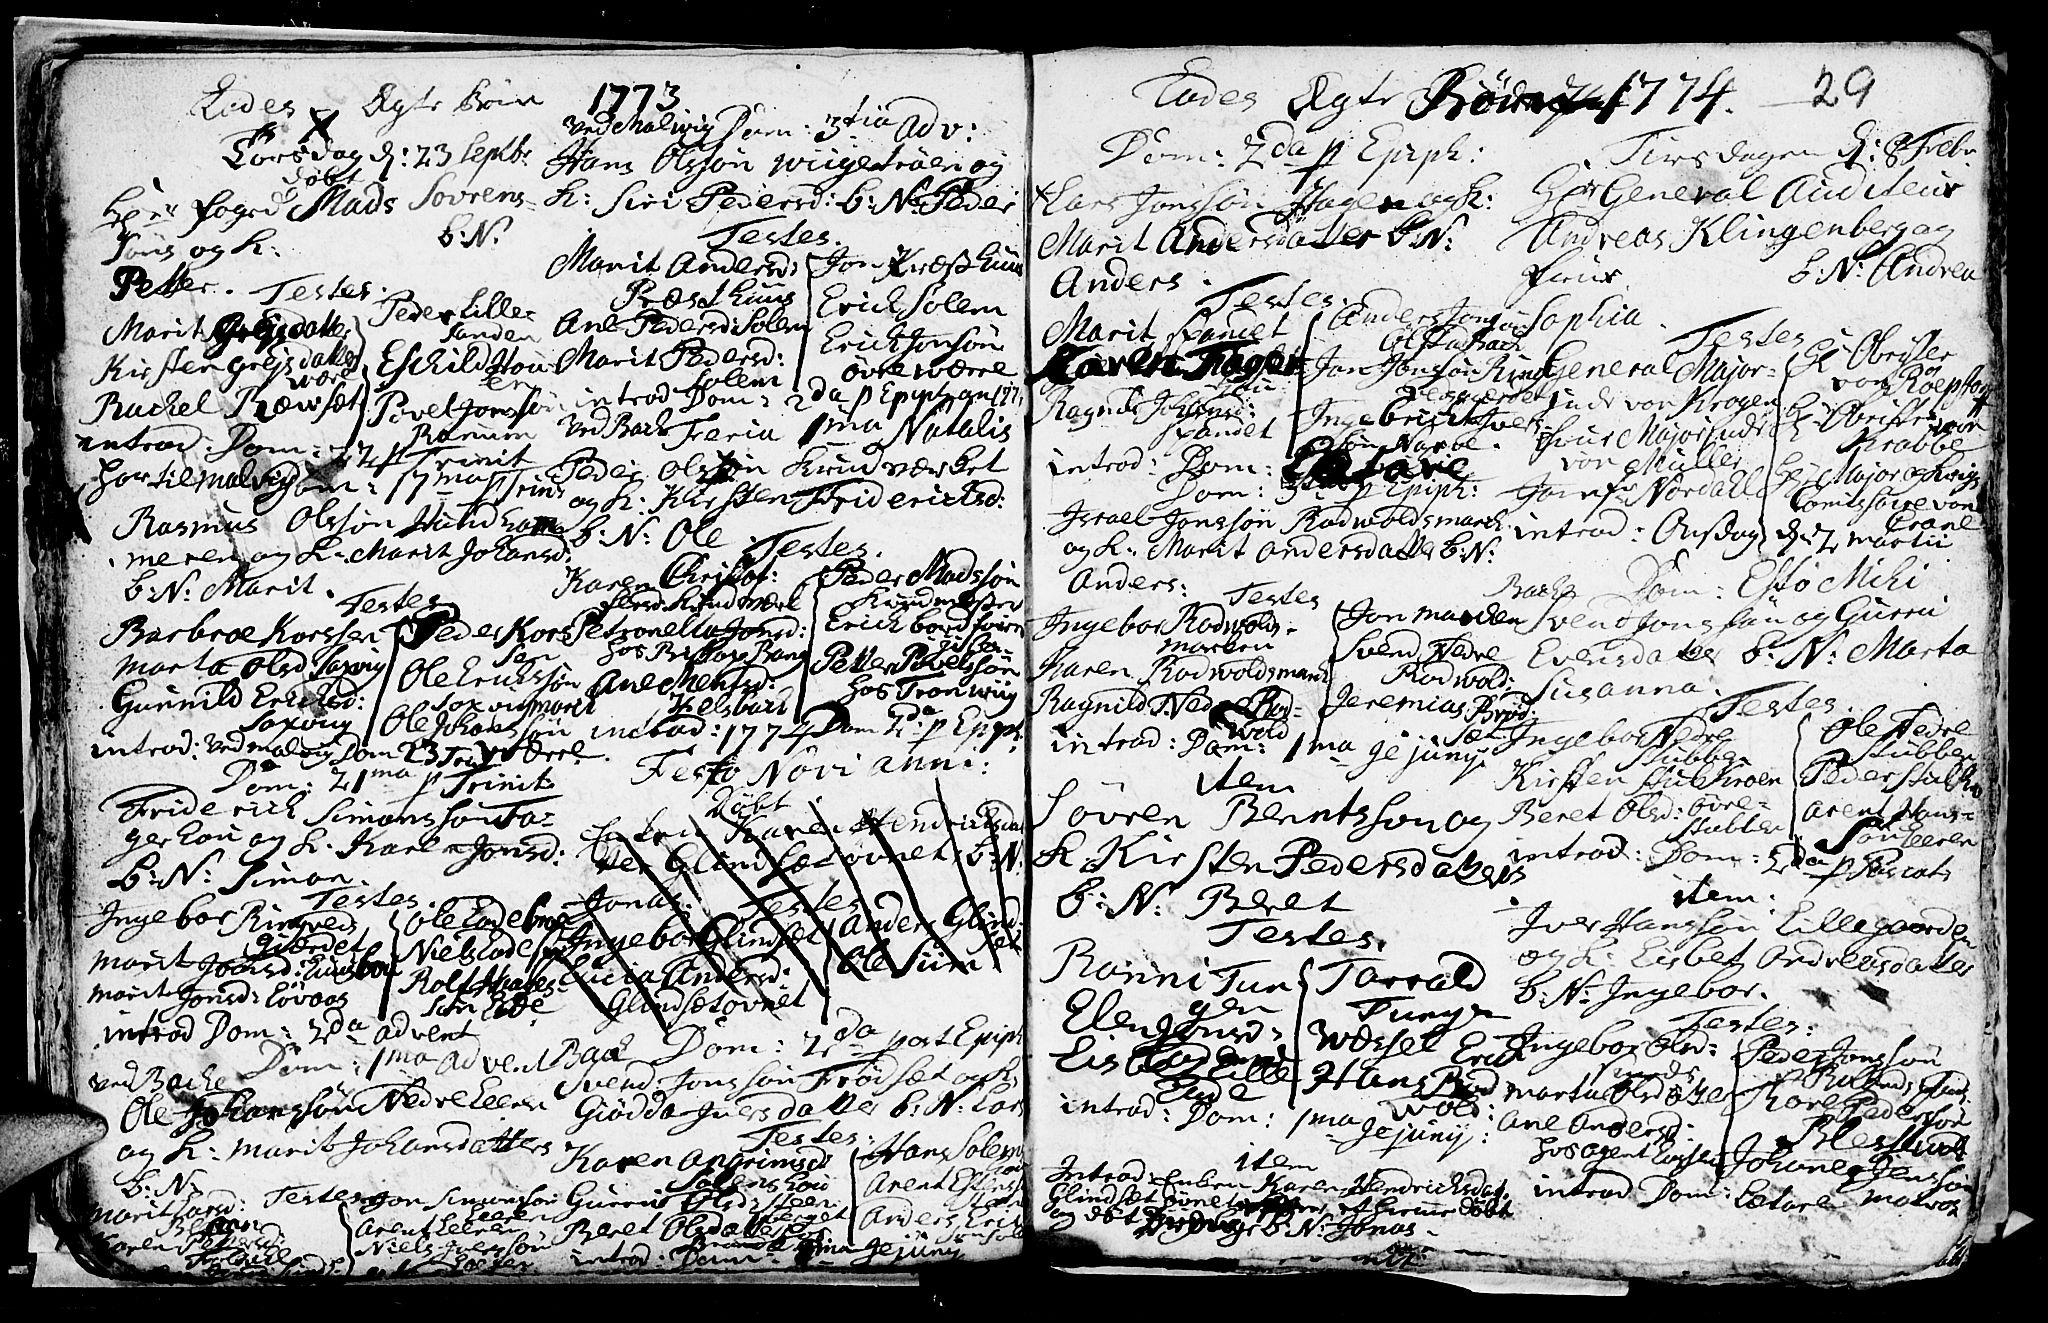 SAT, Ministerialprotokoller, klokkerbøker og fødselsregistre - Sør-Trøndelag, 606/L0305: Klokkerbok nr. 606C01, 1757-1819, s. 29